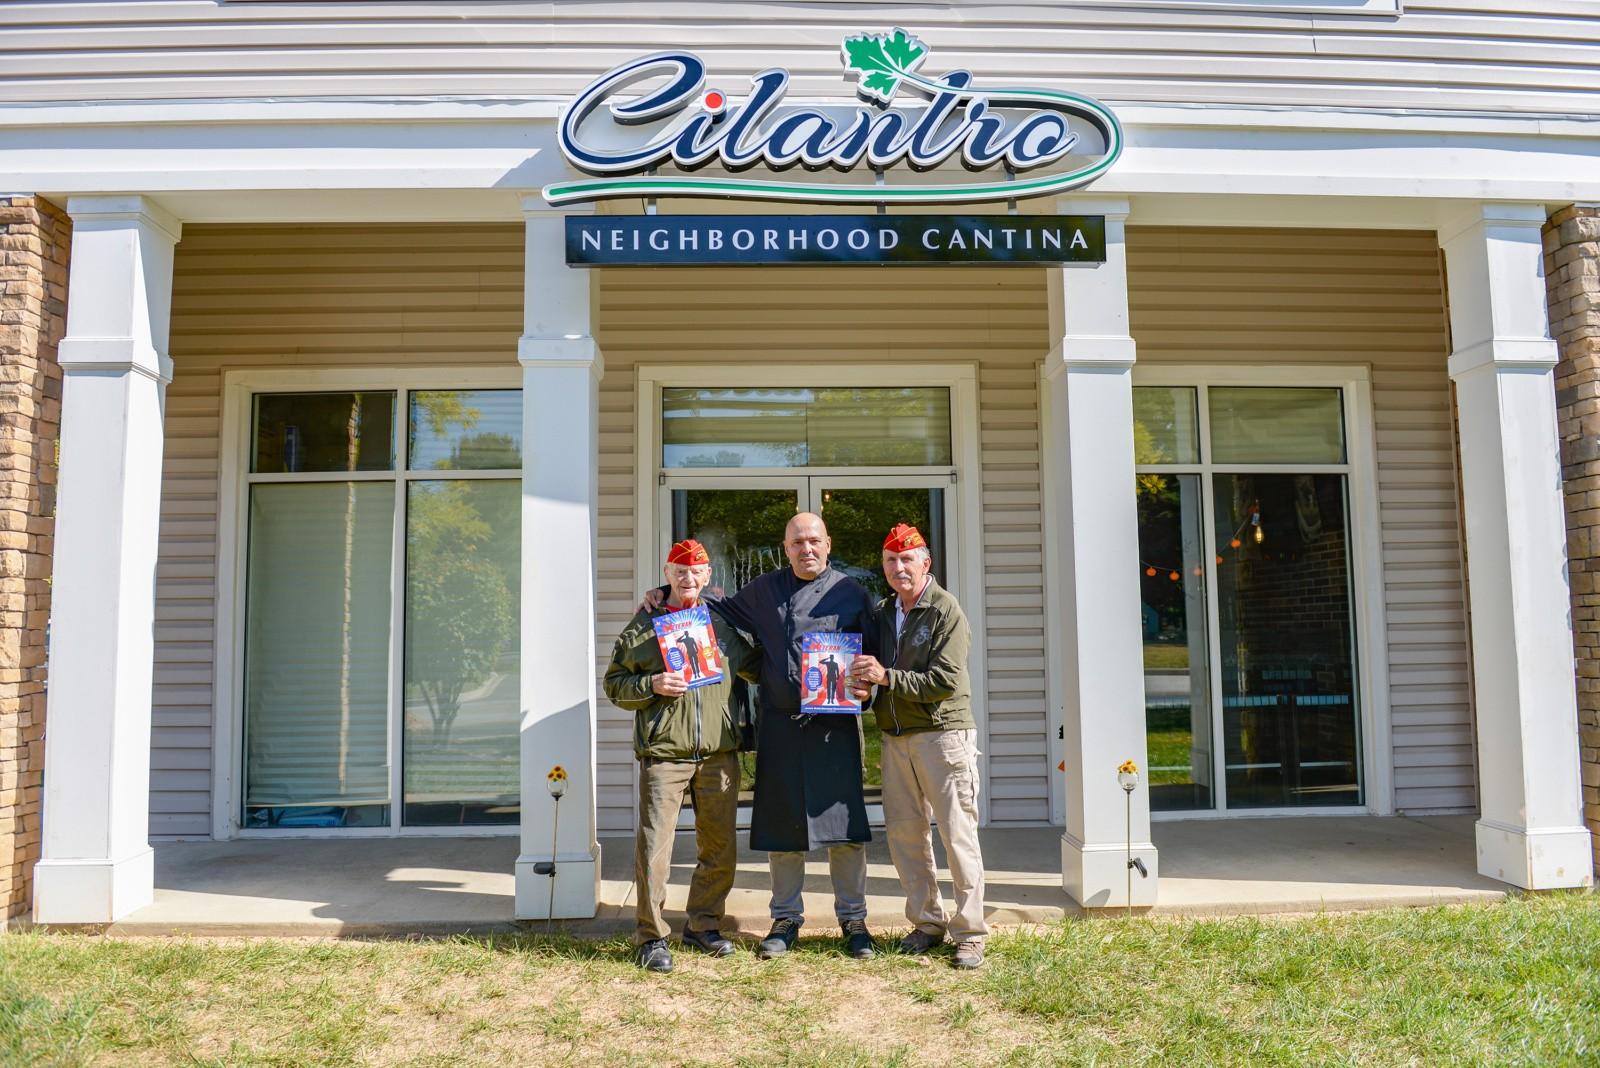 Cilantro's with The Colonels